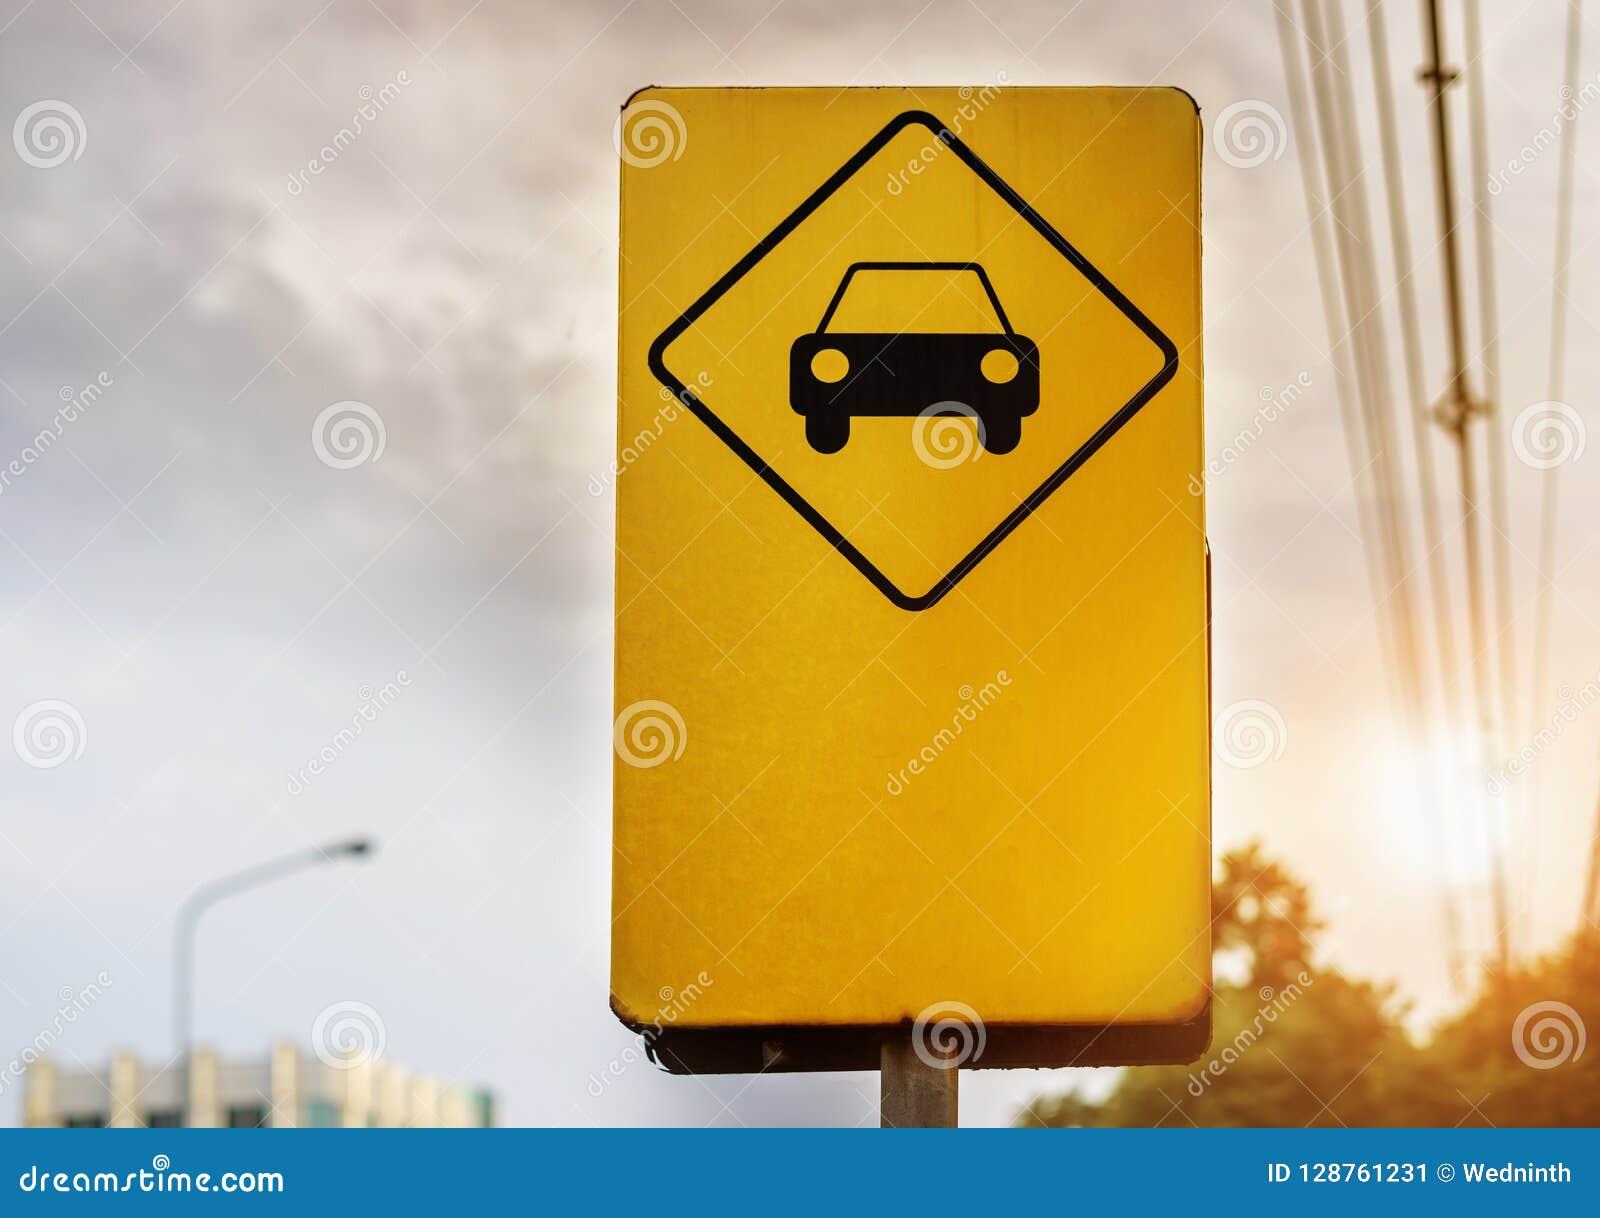 Κίτρινο σημάδι υπαίθριων σταθμών αυτοκινήτων στην πόλη